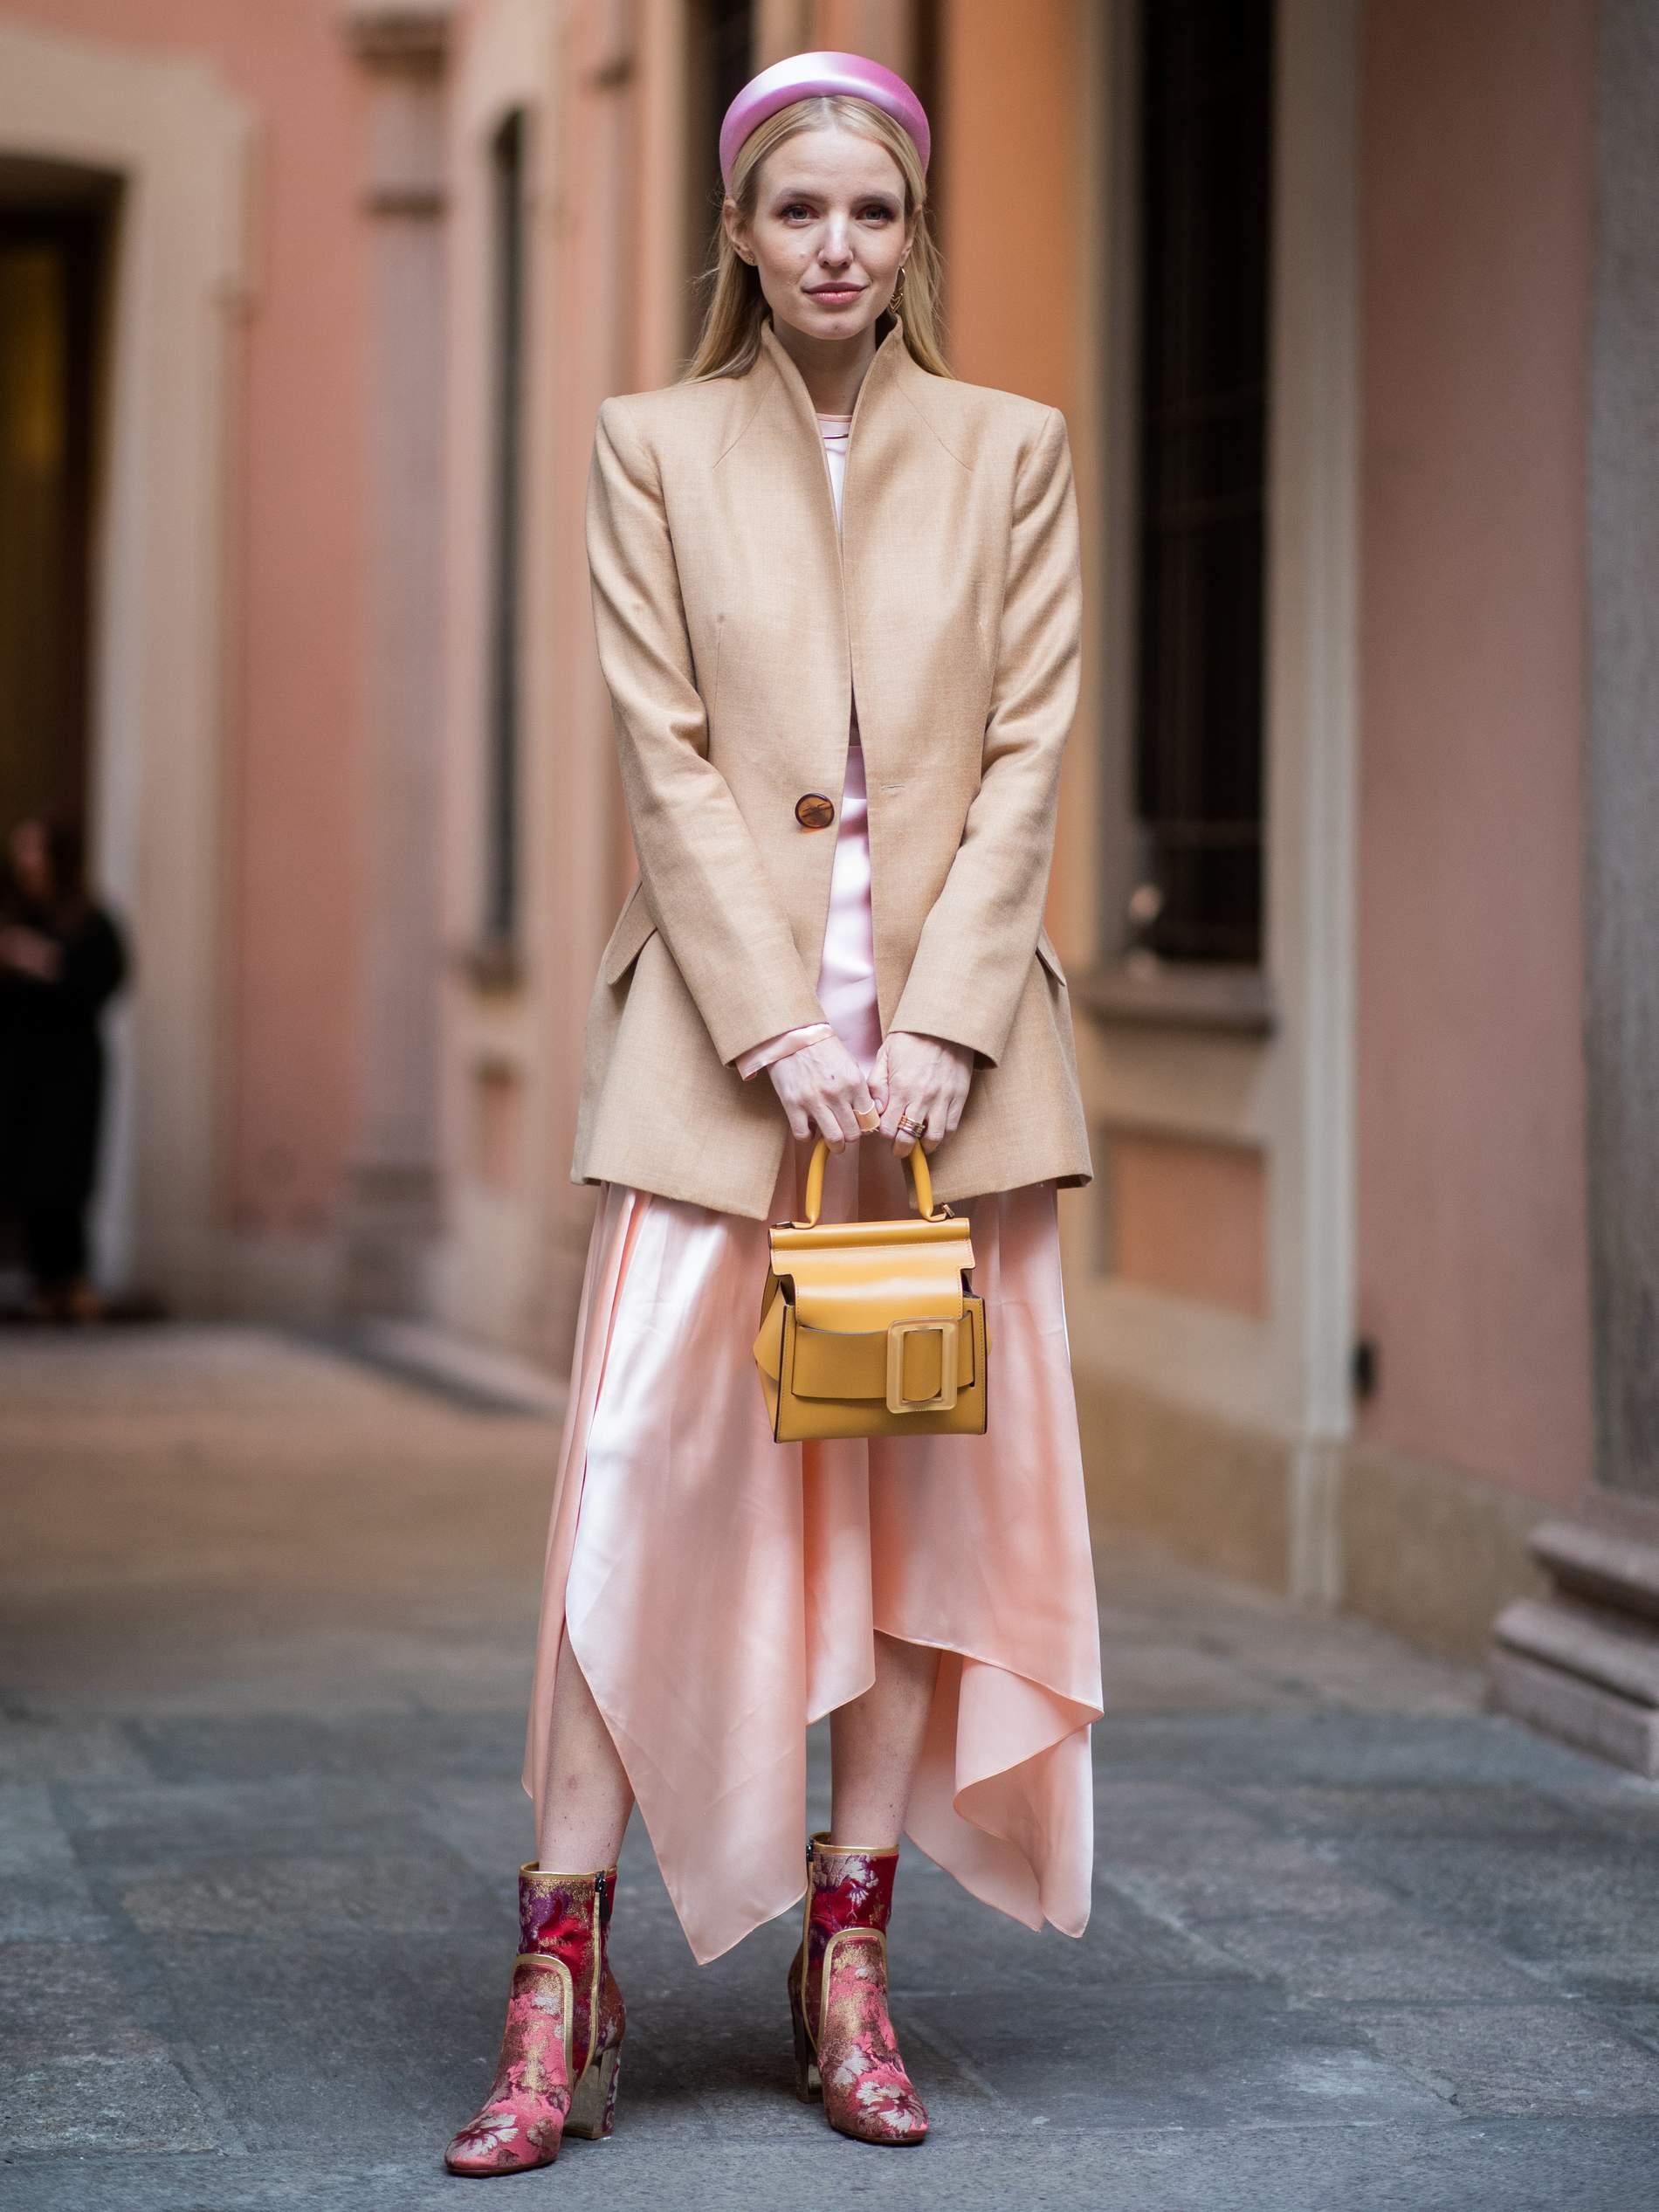 Как носить ободок в стиле Prada этим летом? ободок, можно, цвета, носить, ободки, образ, более, Посмотреть, публикацию, InstagramПубликация, глазам, серым, образа, ободком, платья, Можно, Laetitia, стиля, missmondo, Kutob